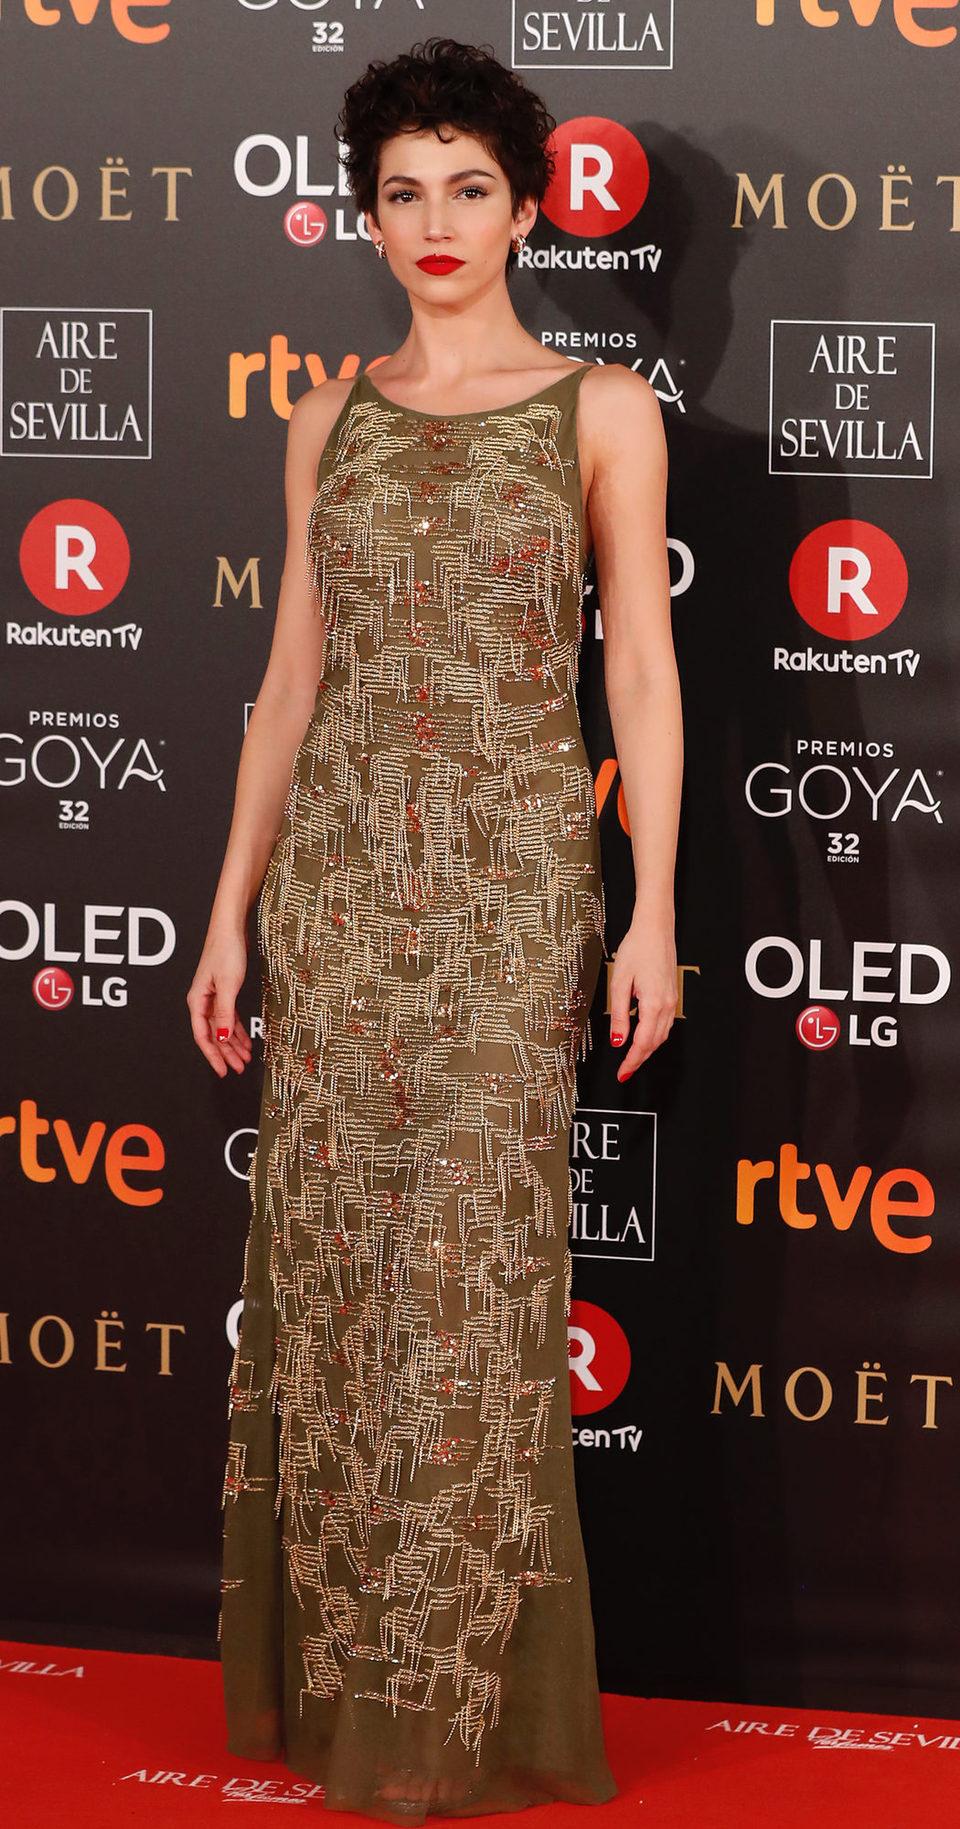 Úrsula Corberó en la alfombra roja de los Premios Goya 2018